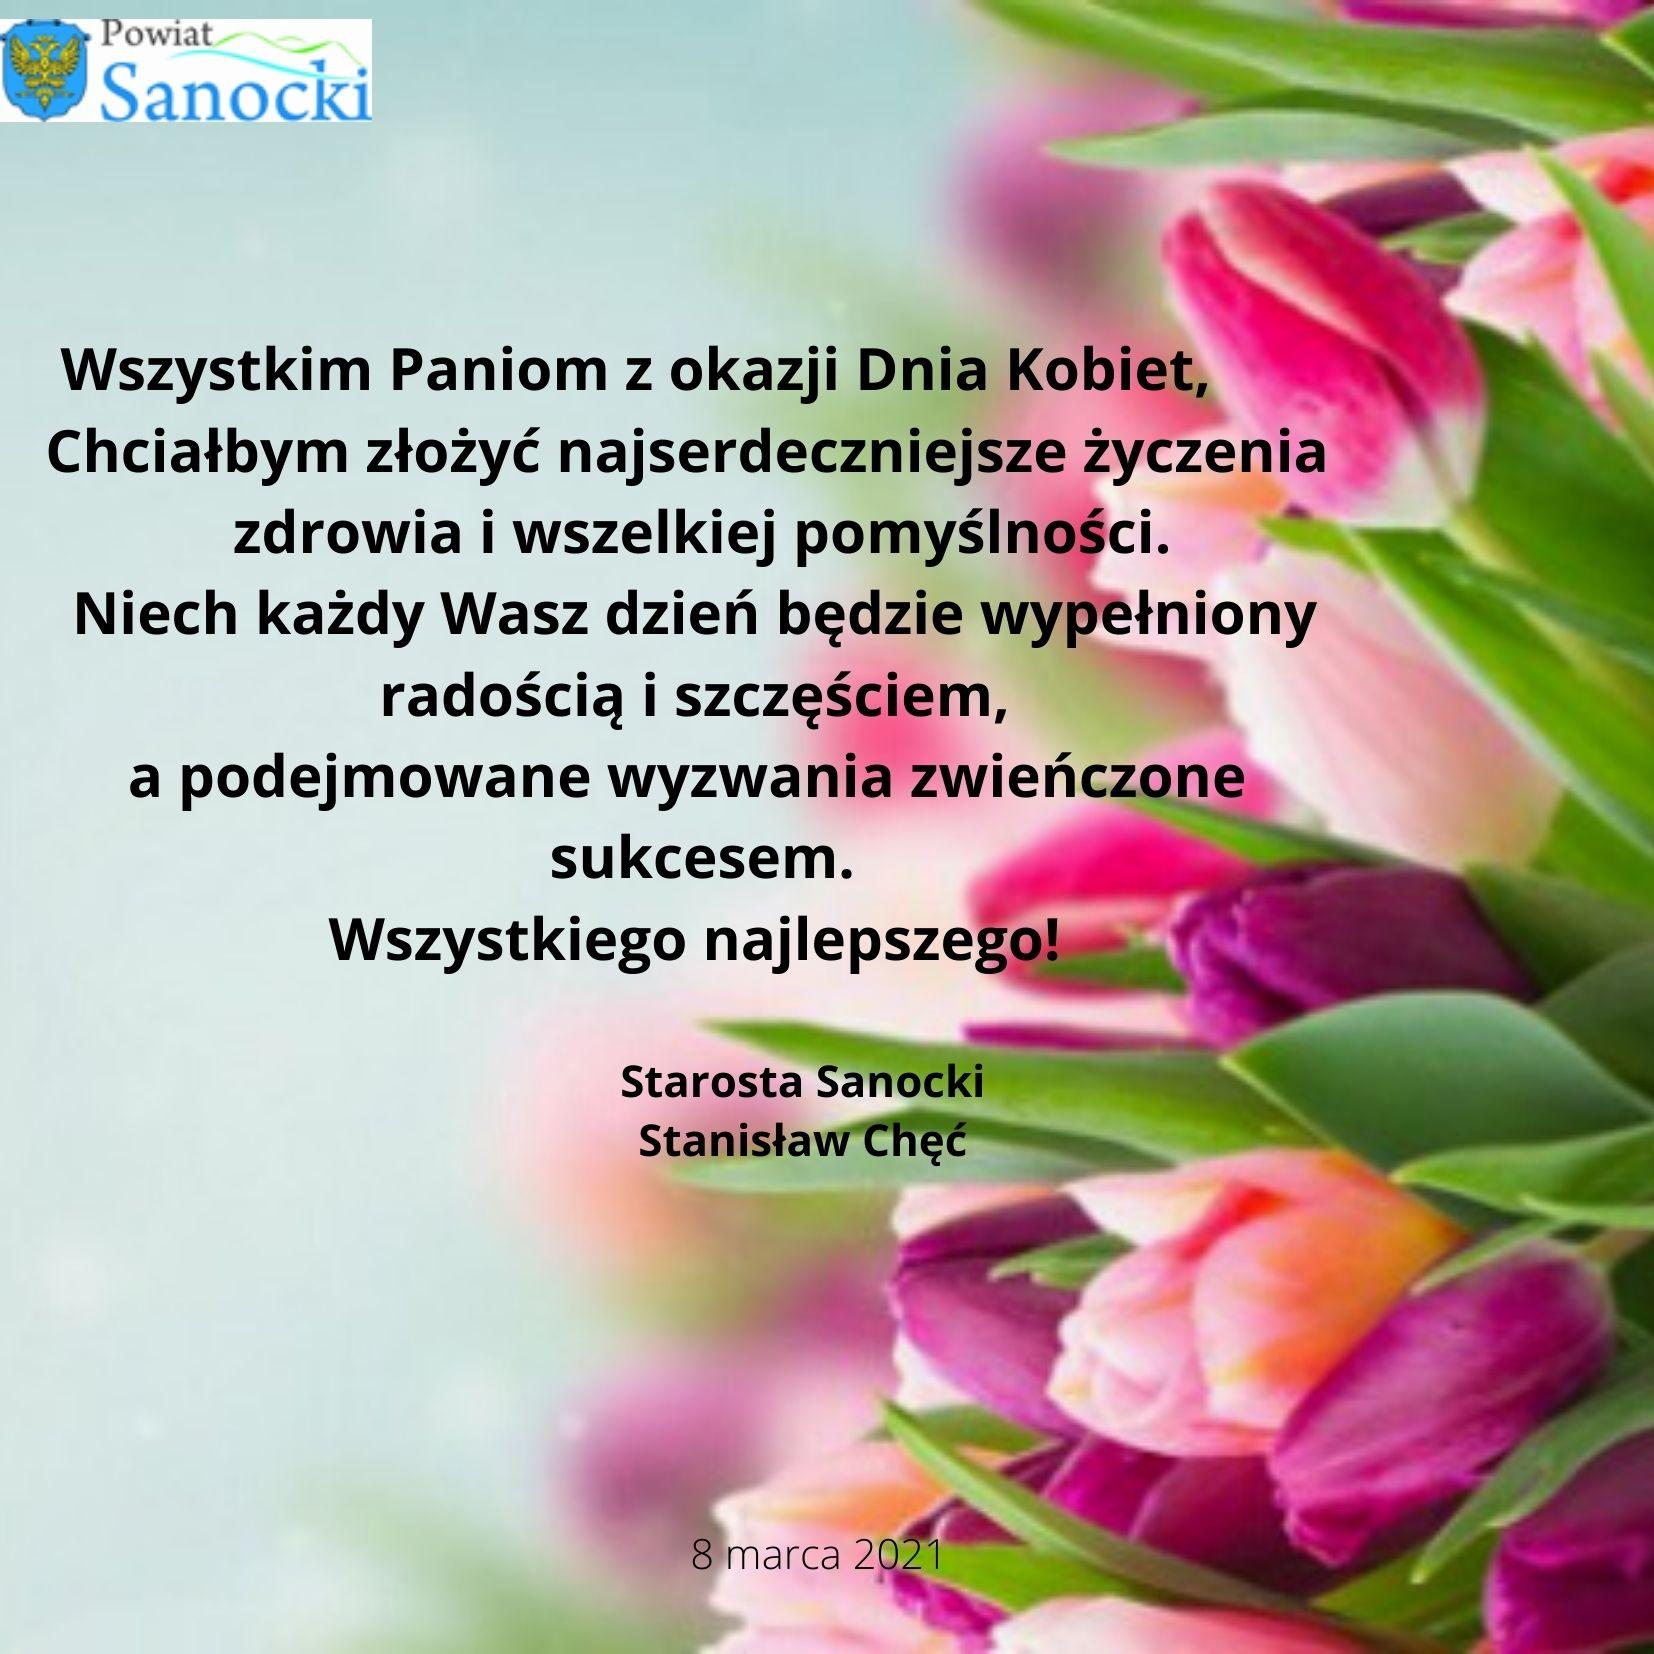 Wszystkim Paniom z okazji Dnia Kobiet,   Chciałbym złożyć najserdeczniejsze życzenia zdrowia i wszelkiej pomyślności.   Niech każdy Wasz dzień będzie wypełniony radością i szczęściem, a podejmowane   wyzwania zwieńczone sukcesem.   Wszystkiego najlepszego! Starosta Sanocki Stanisław Chęć